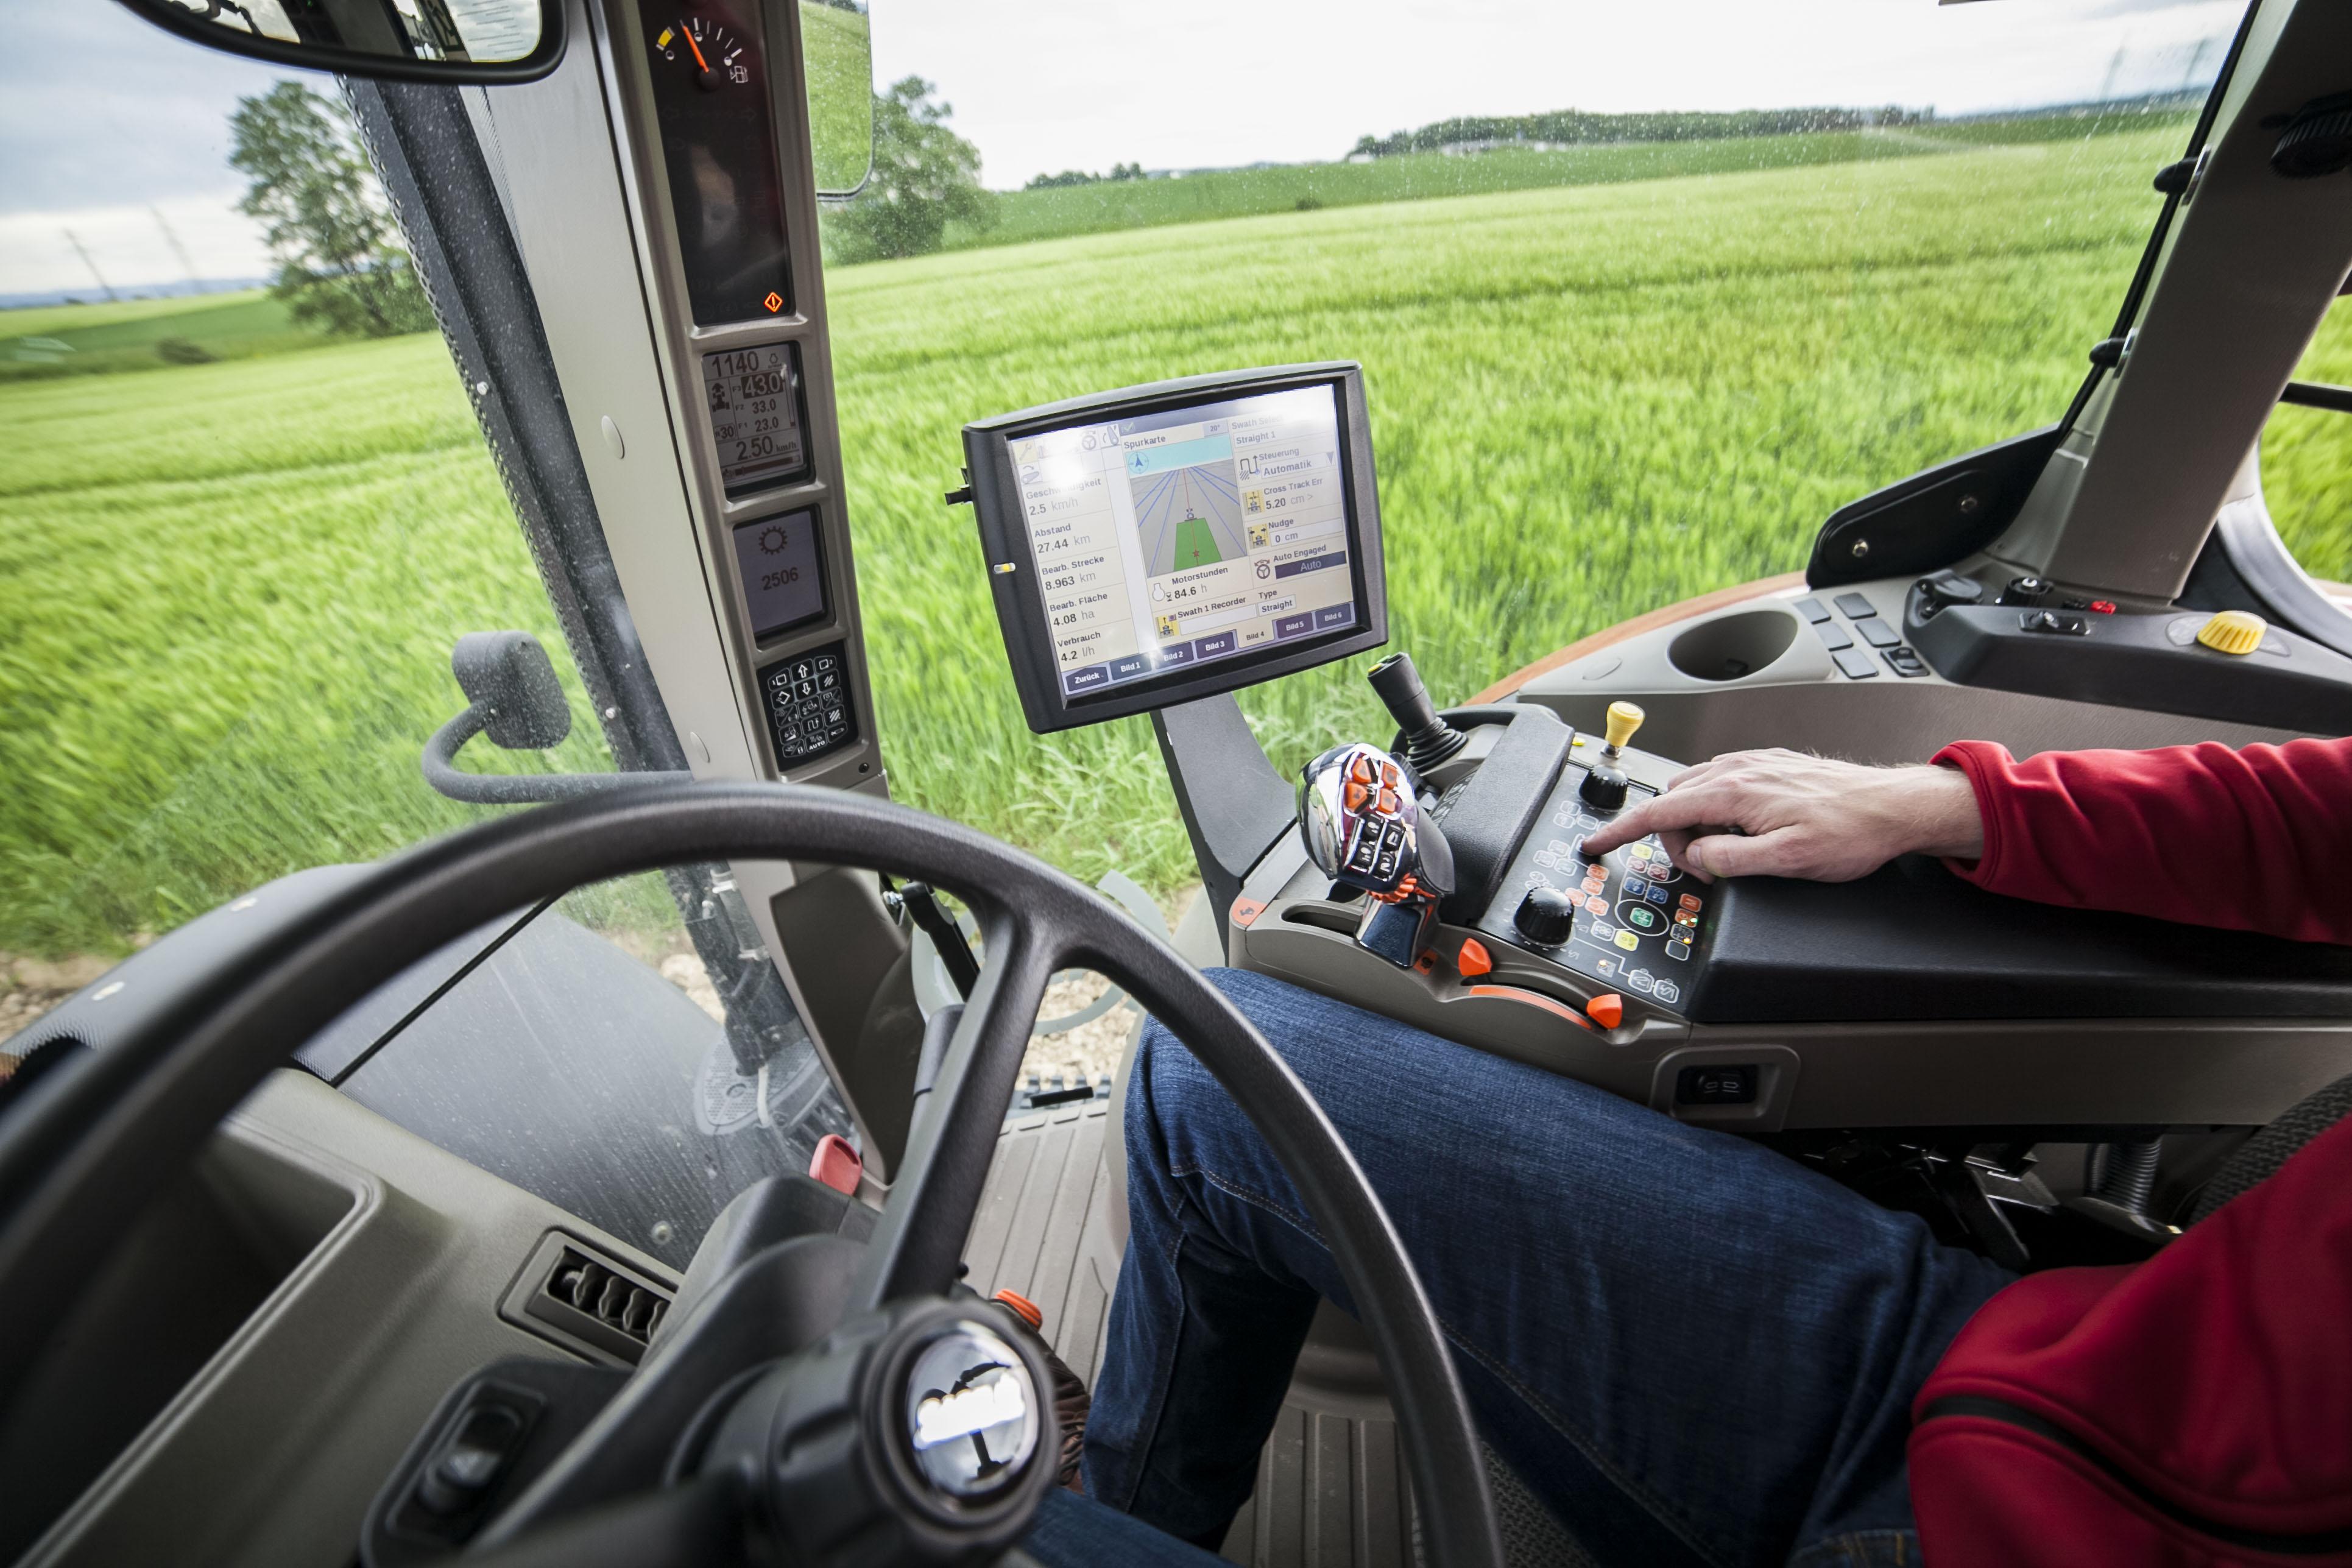 新型农业仪器,让农业数据化、智能化